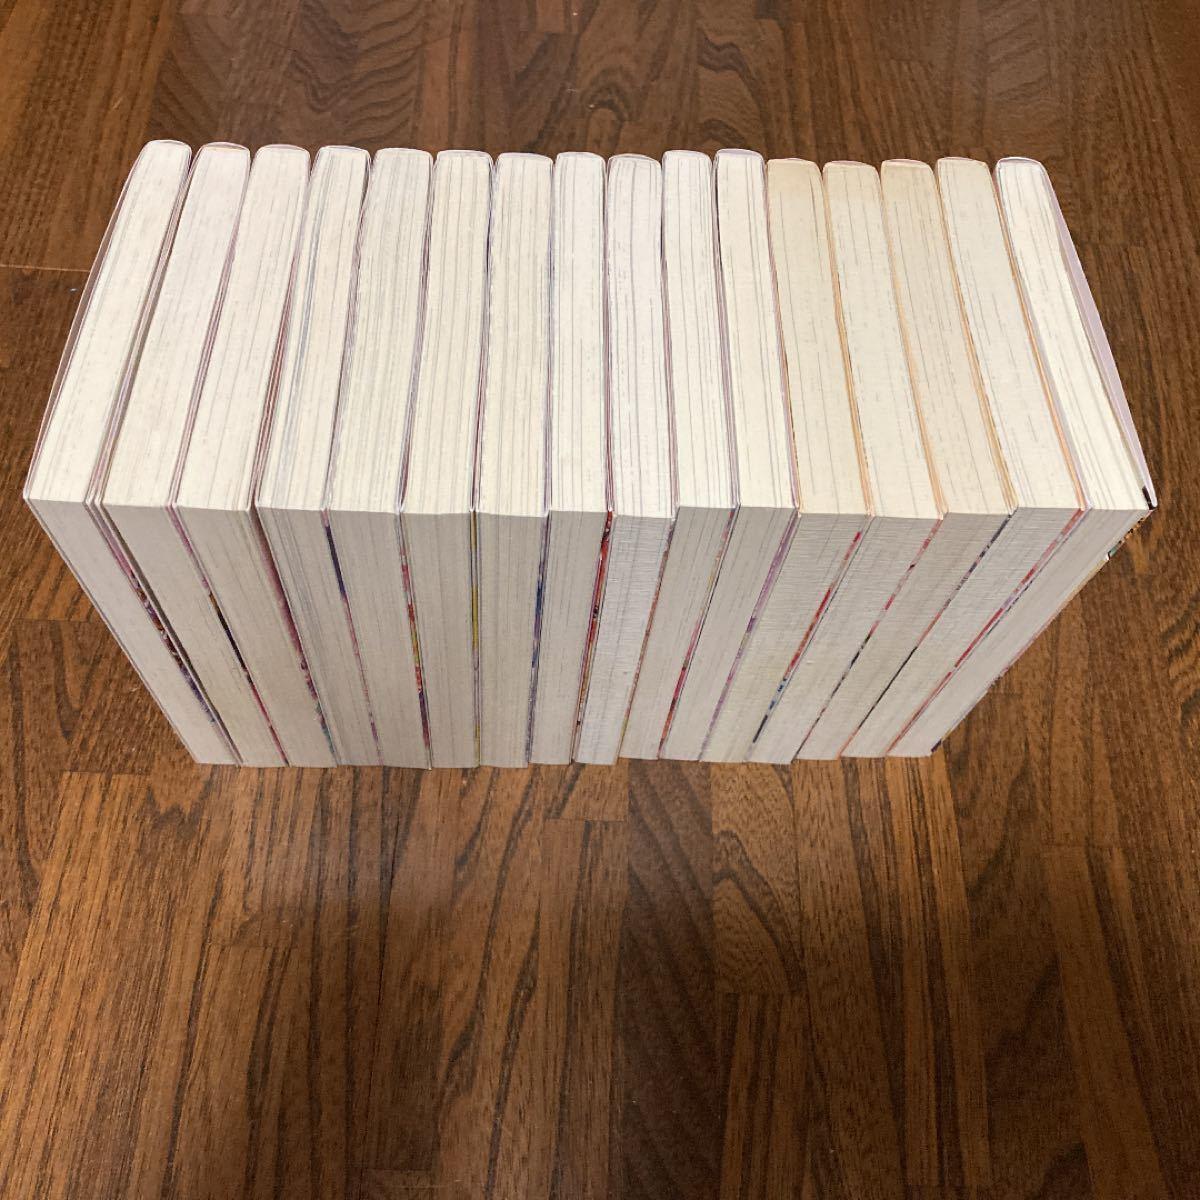 小説 コバルト文庫